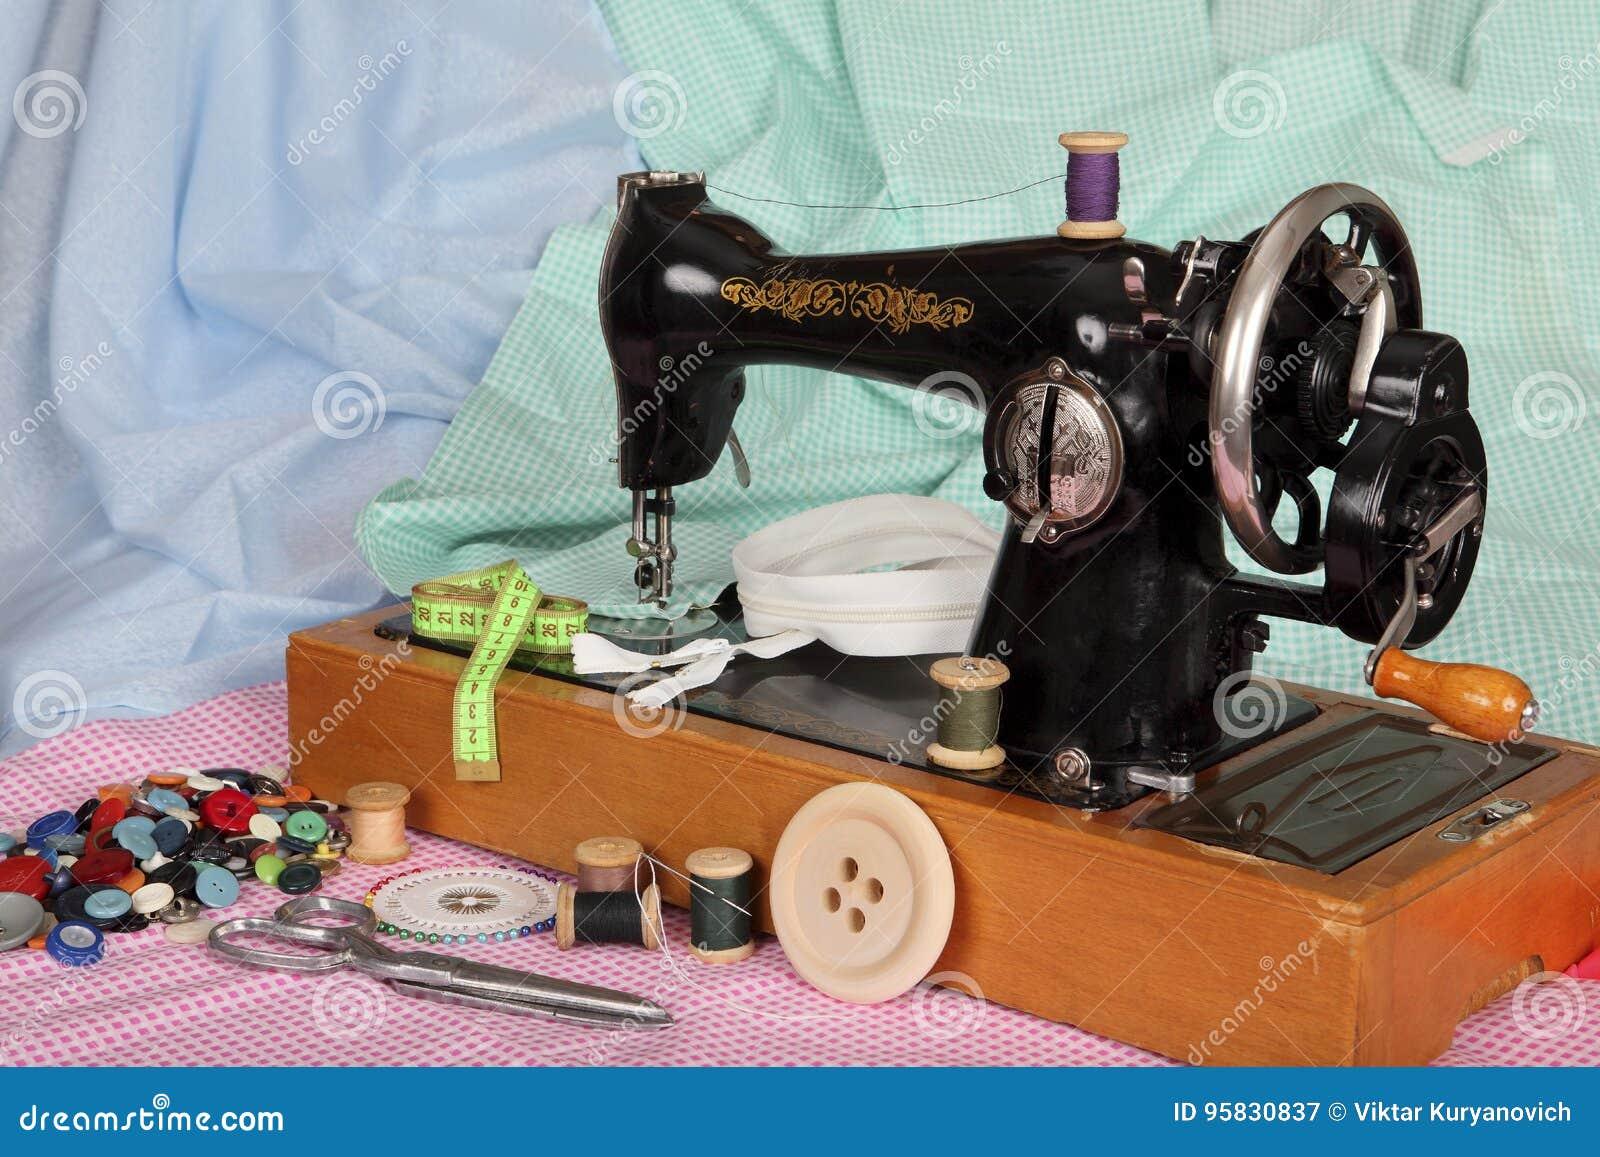 Stara, ręka szwalna maszyna z igłą, retro zwitki z barwionymi niciami, jaskrawi guziki i kawałki barwiona bawełniana tkanina,